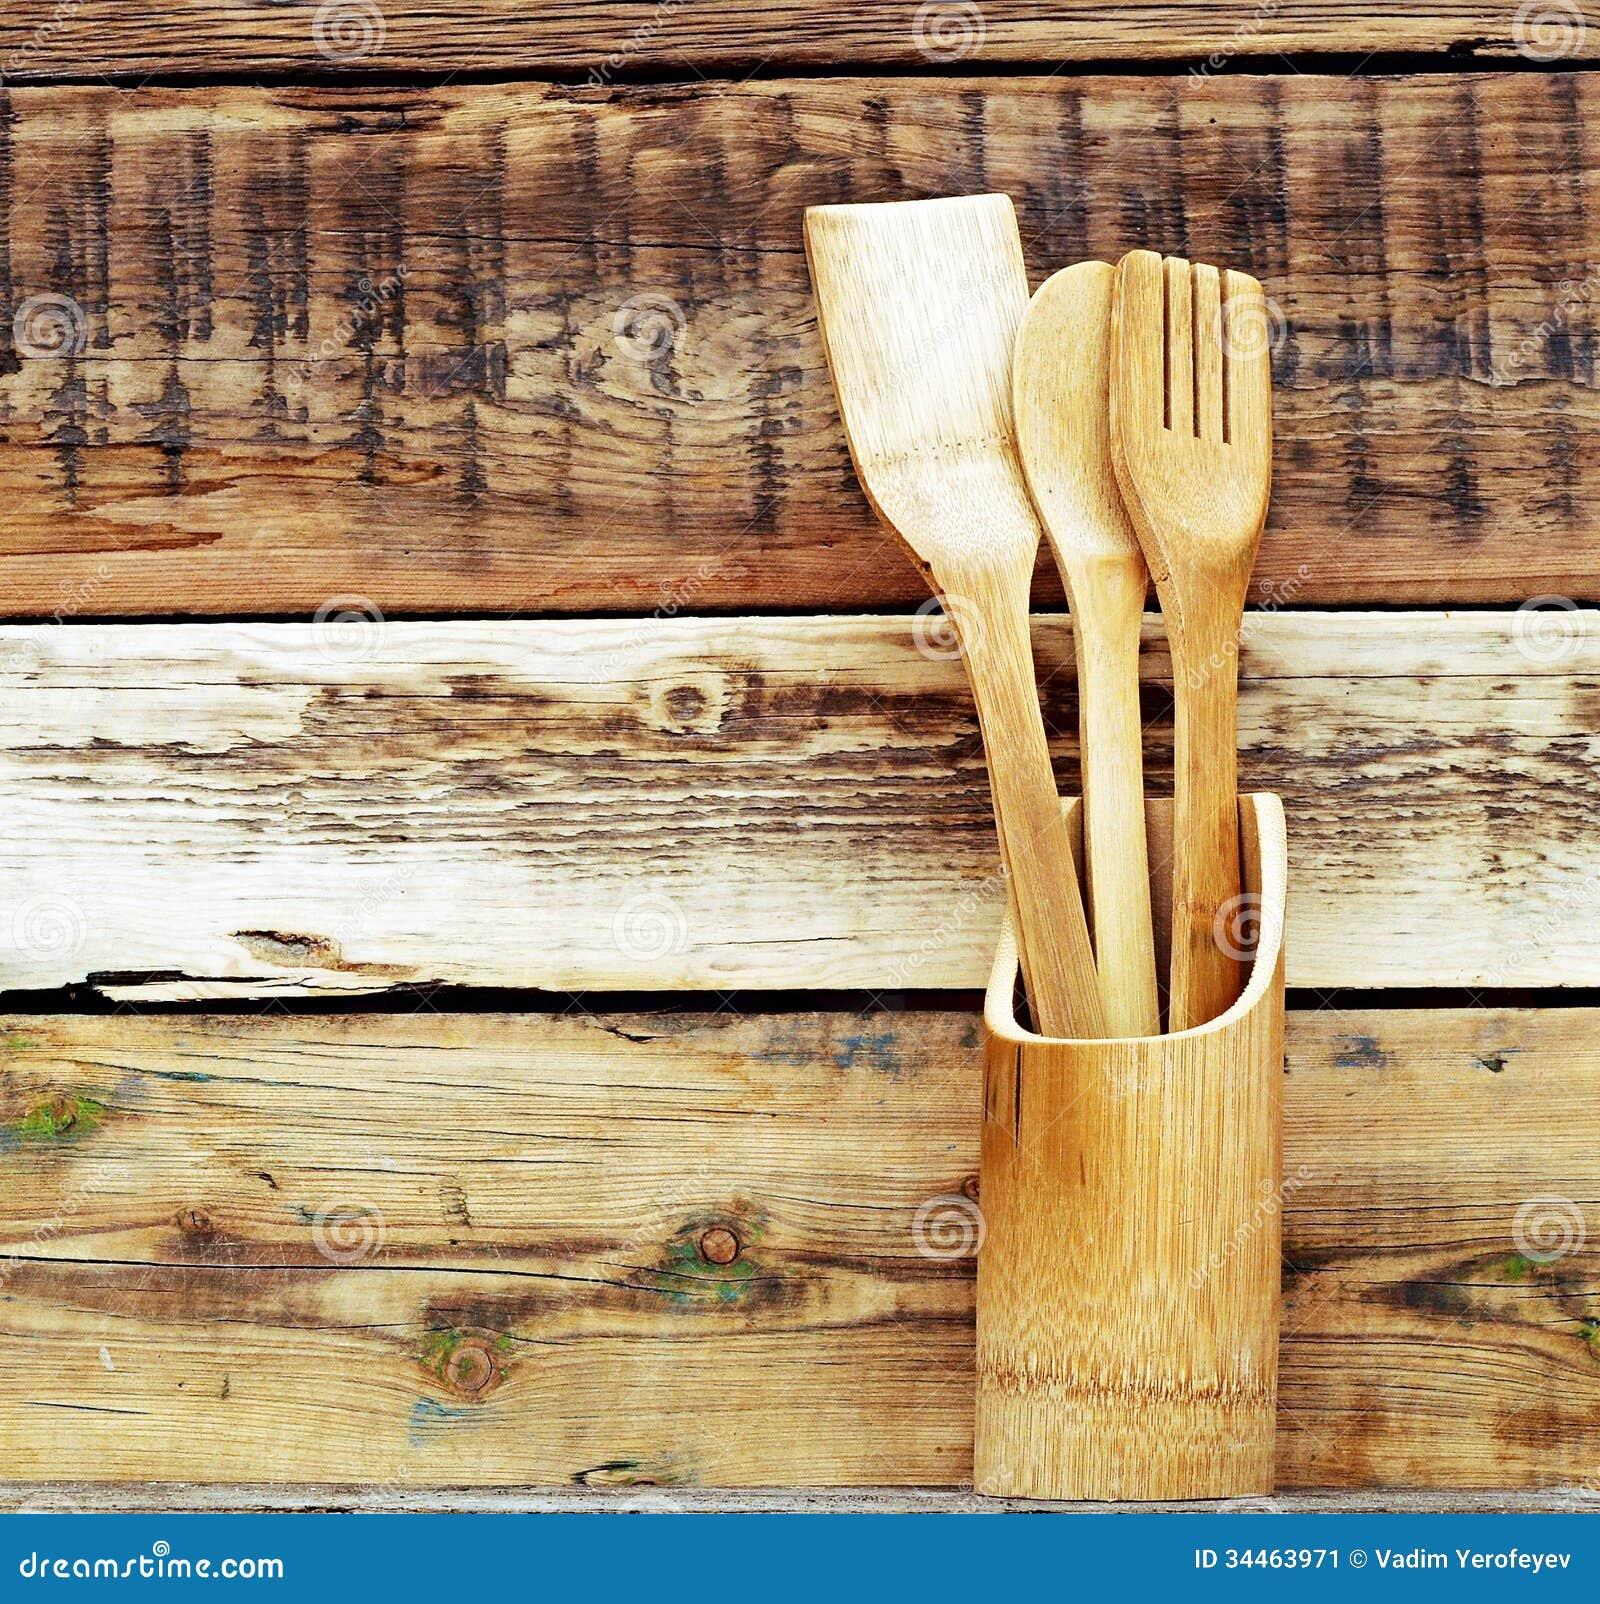 Vintage Kitchen Background ~ Kitchen wooden utensils stock image